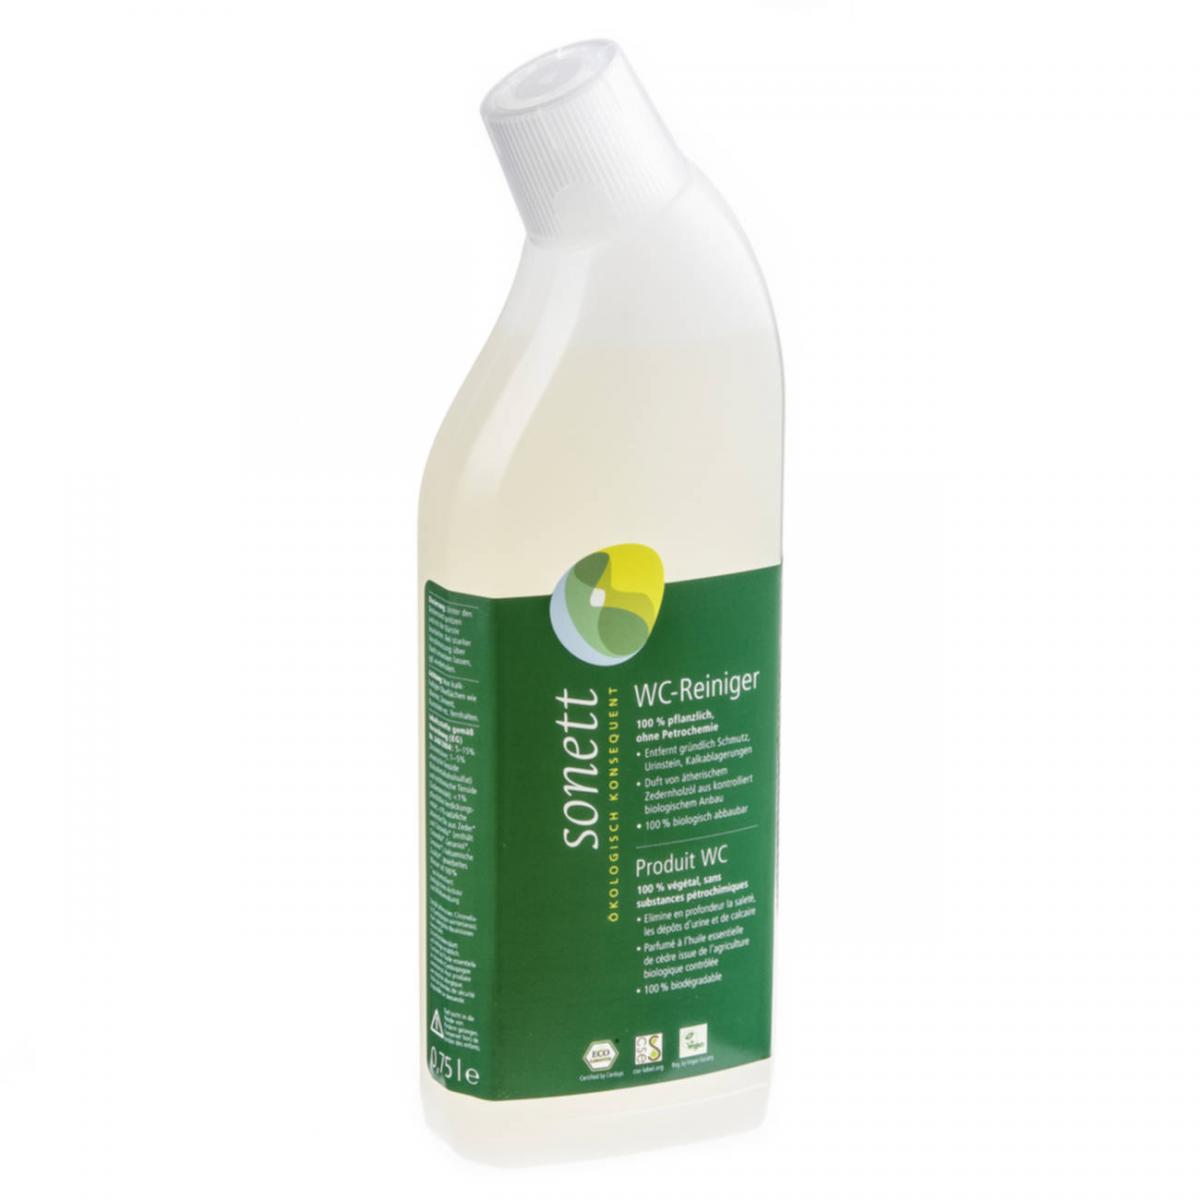 WC-Reiniger Zeder-Citronella Flasche 750 ml/Plastik Einweg - Sonett